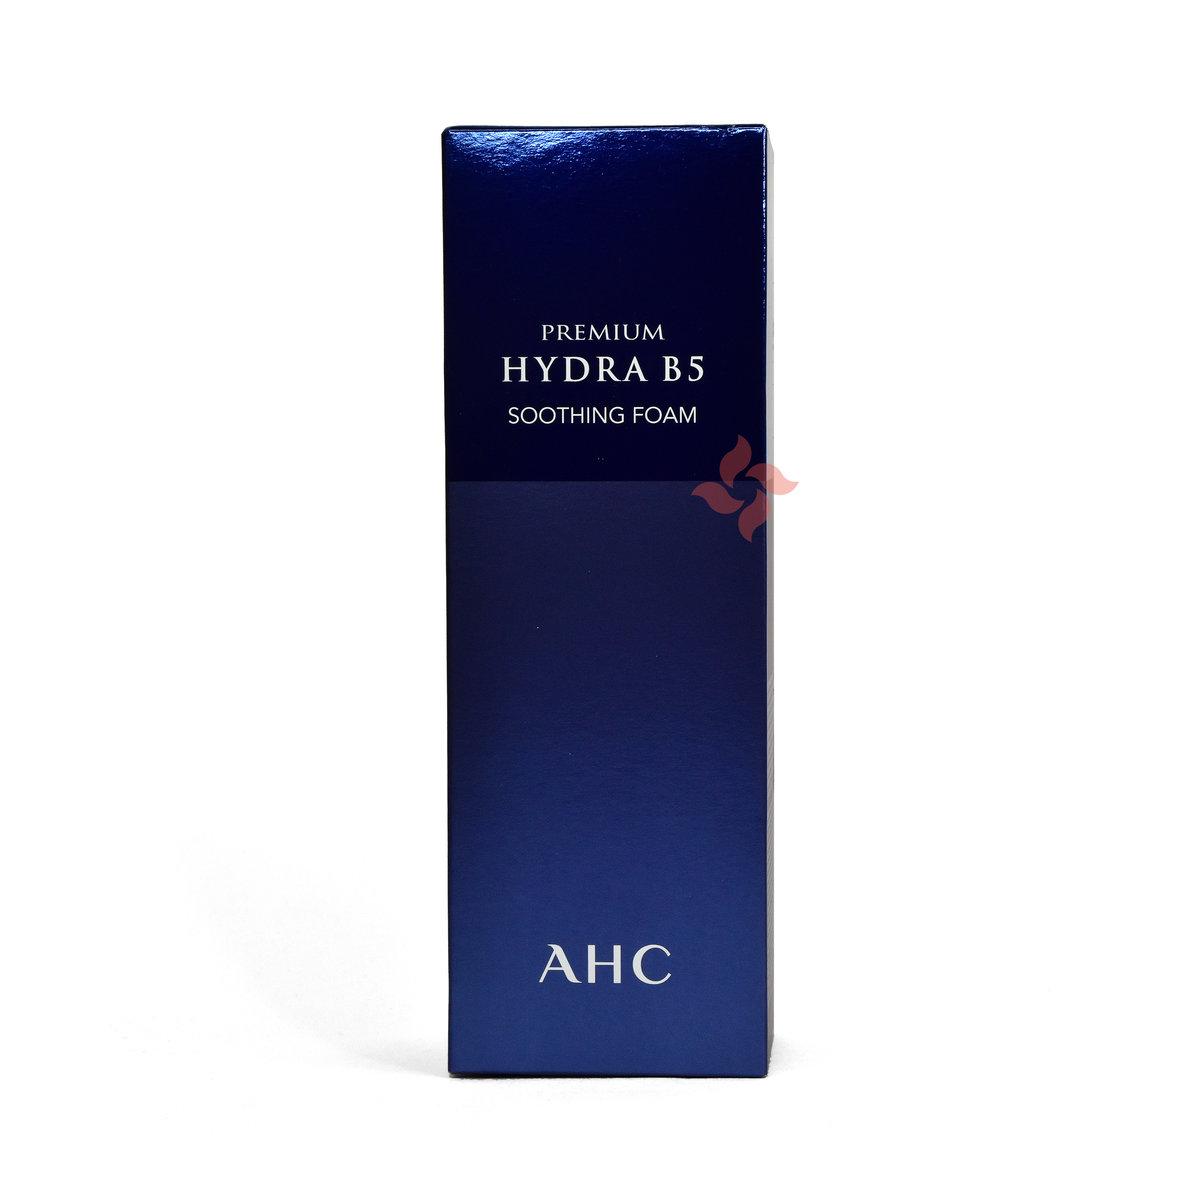 水漾 B5 舒緩潔面乳 (升級版) Hydra B5 Soothing Foam  (Premium) 180ml(8809570314263/ 8809471951116)